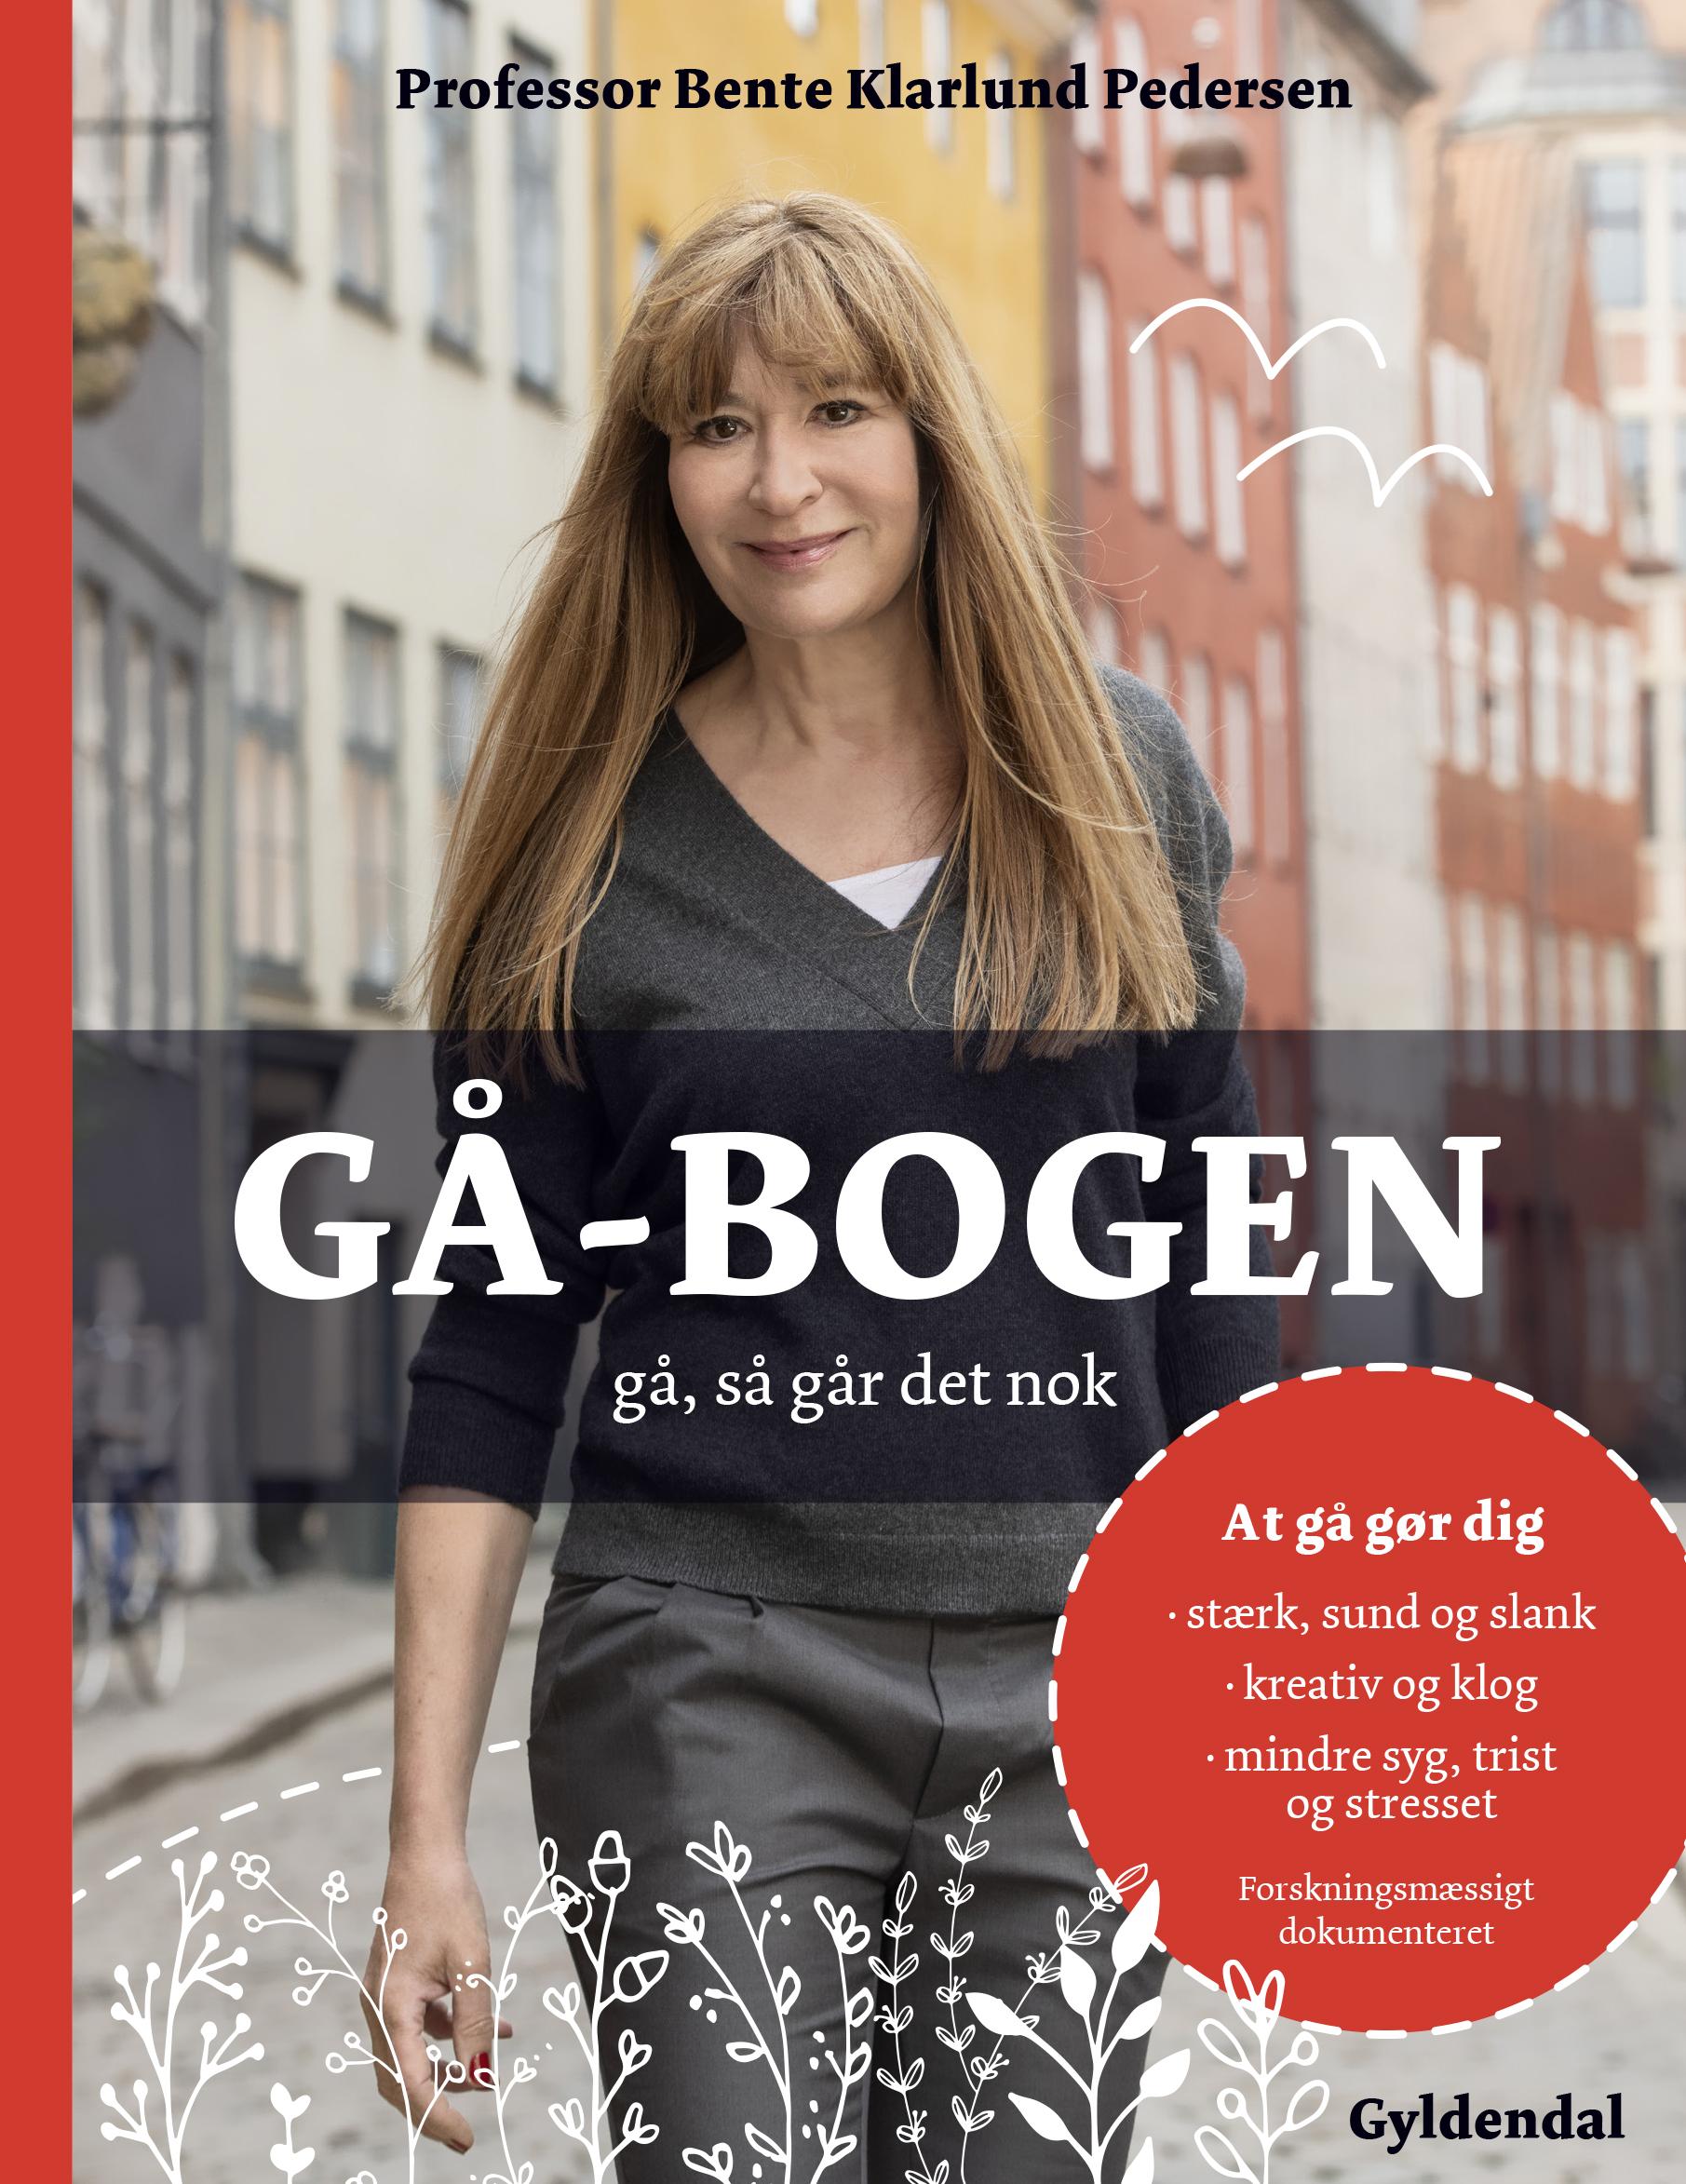 Gå-bogen - Bente Klarlund Pedersen - Bøger - Gyldendal - 9788702259803 - August 20, 2018